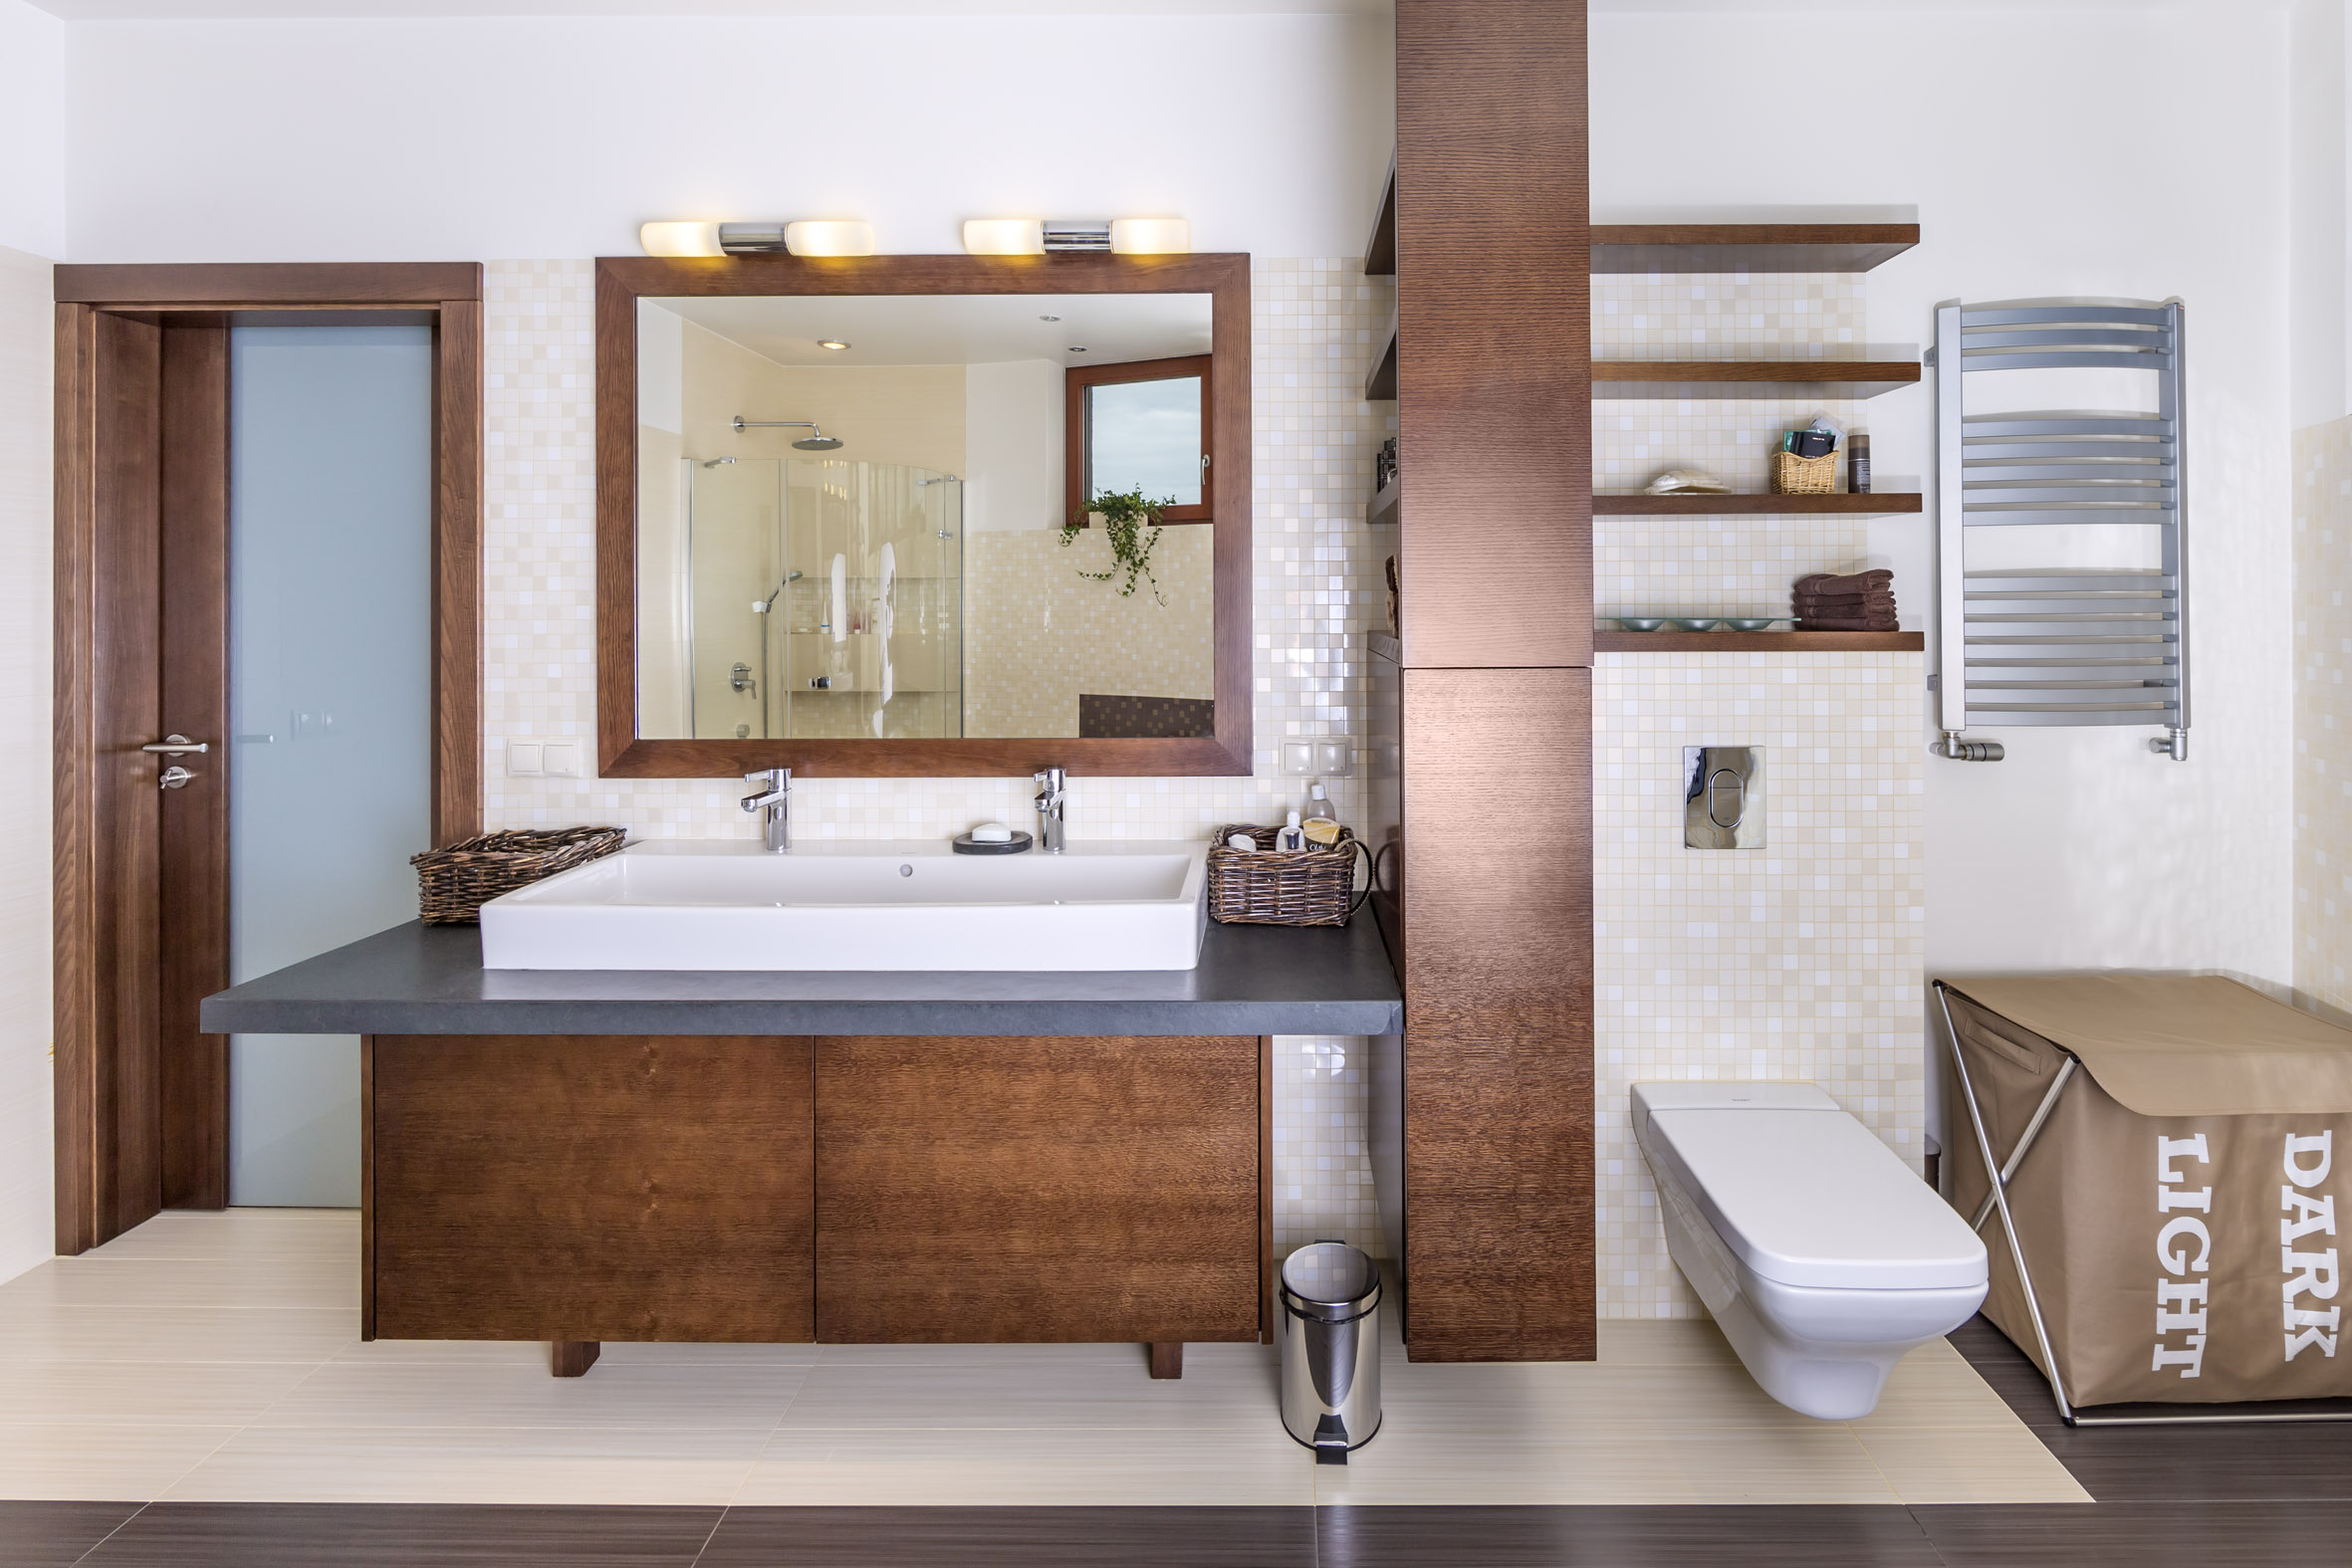 Łazienka w barwach całego domu, jedna, ale podwójna umywalka.